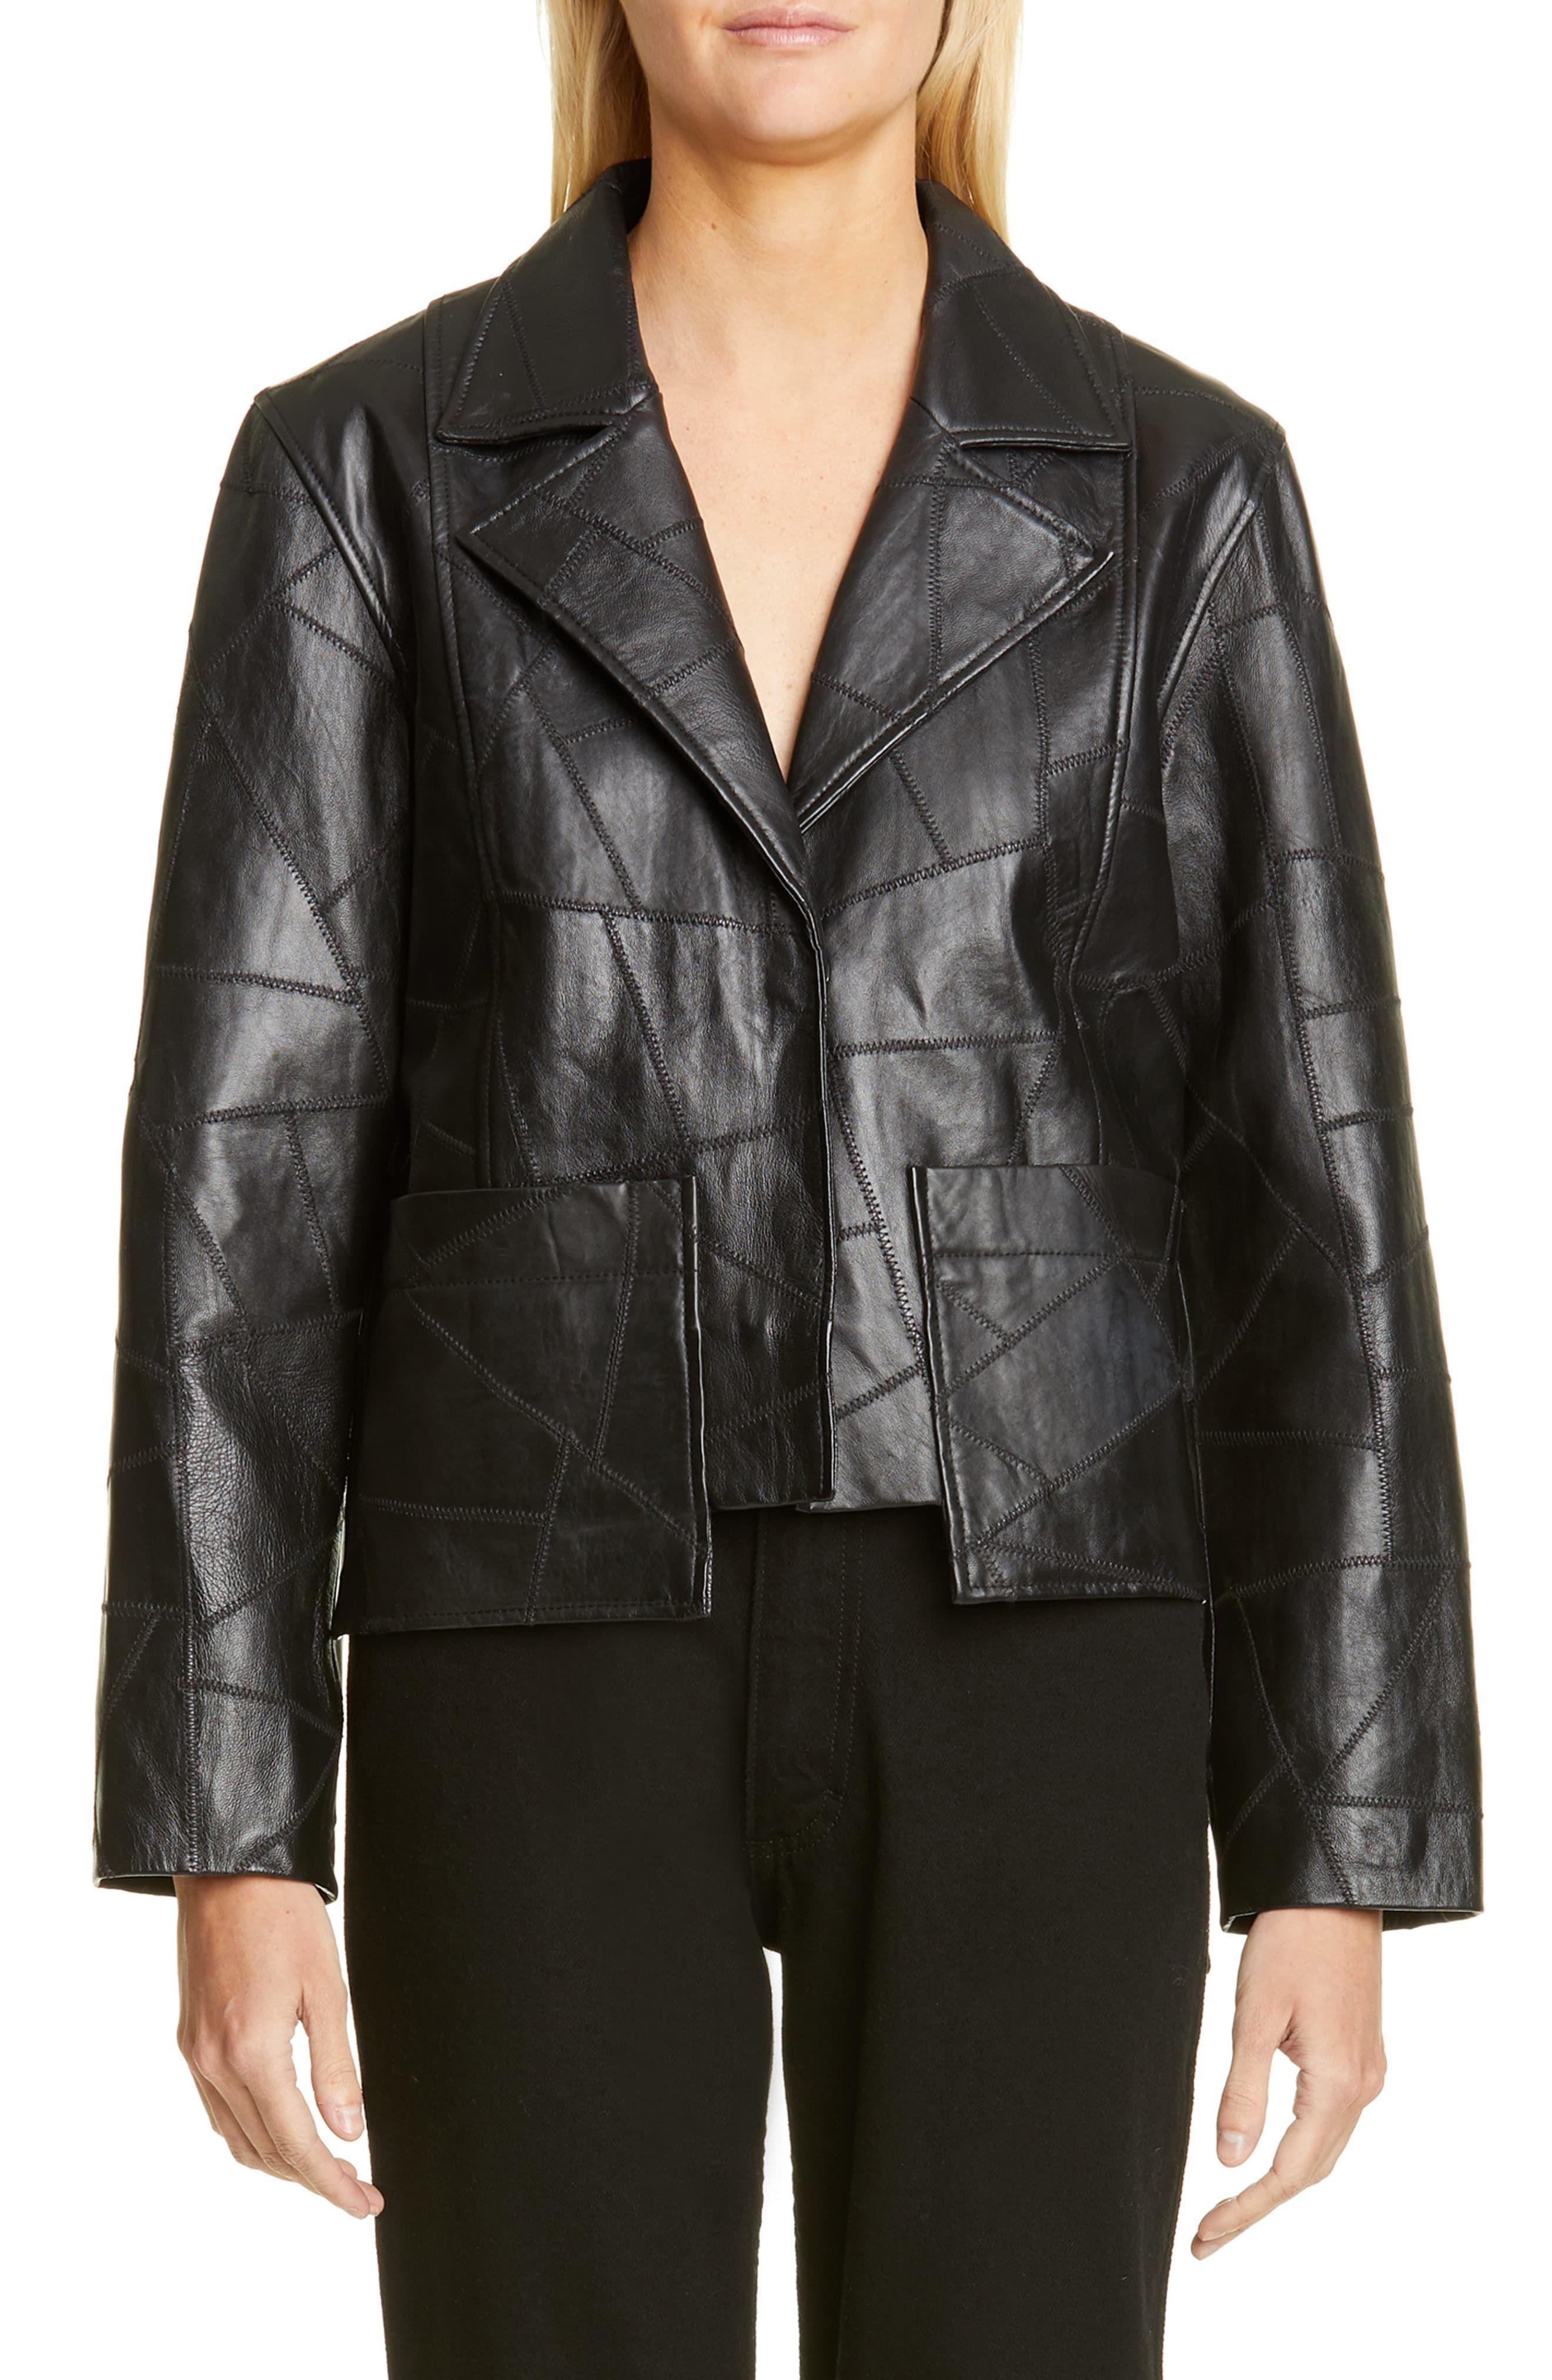 Ganni Patchwork Leather Jacket Nordstrom Klader [ 4048 x 2640 Pixel ]